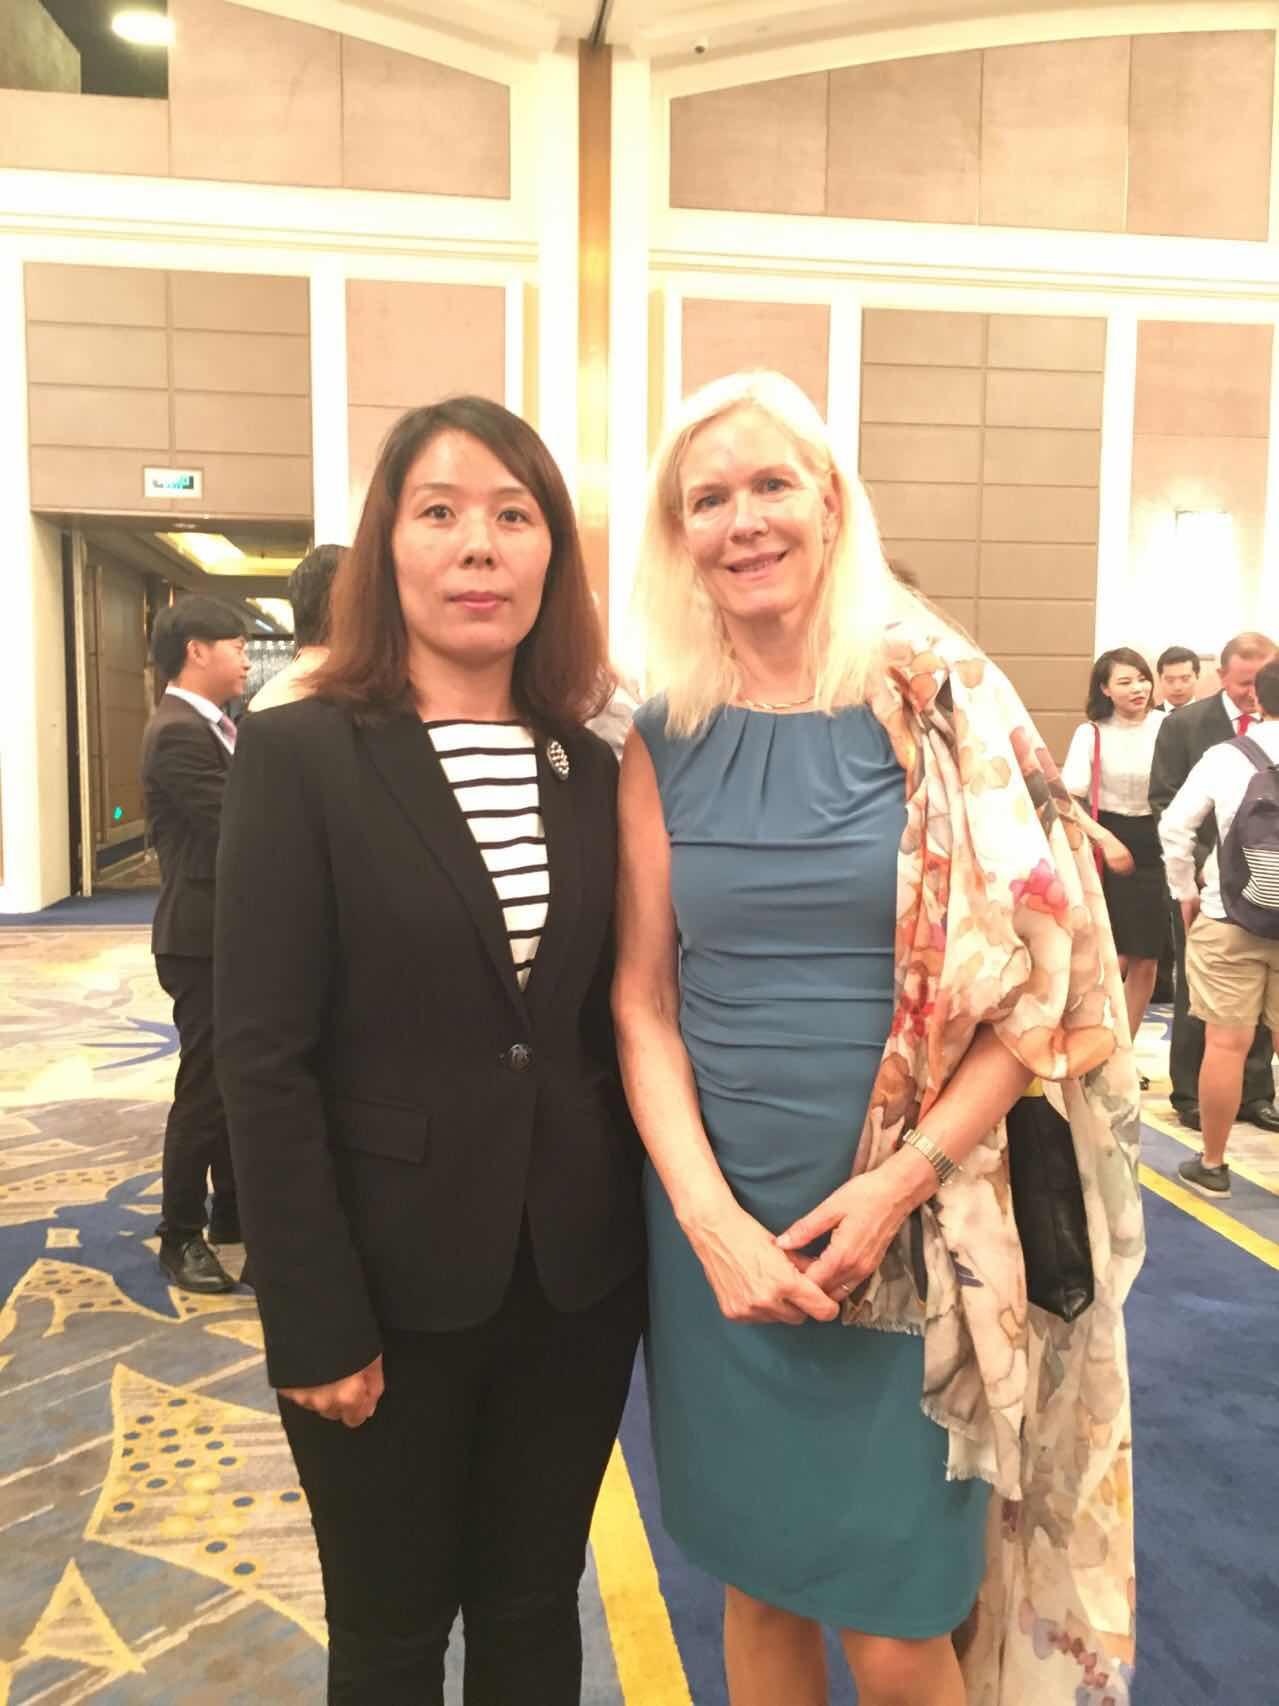 瑞典驻华大使林戴安与组委会秘书长崔江红